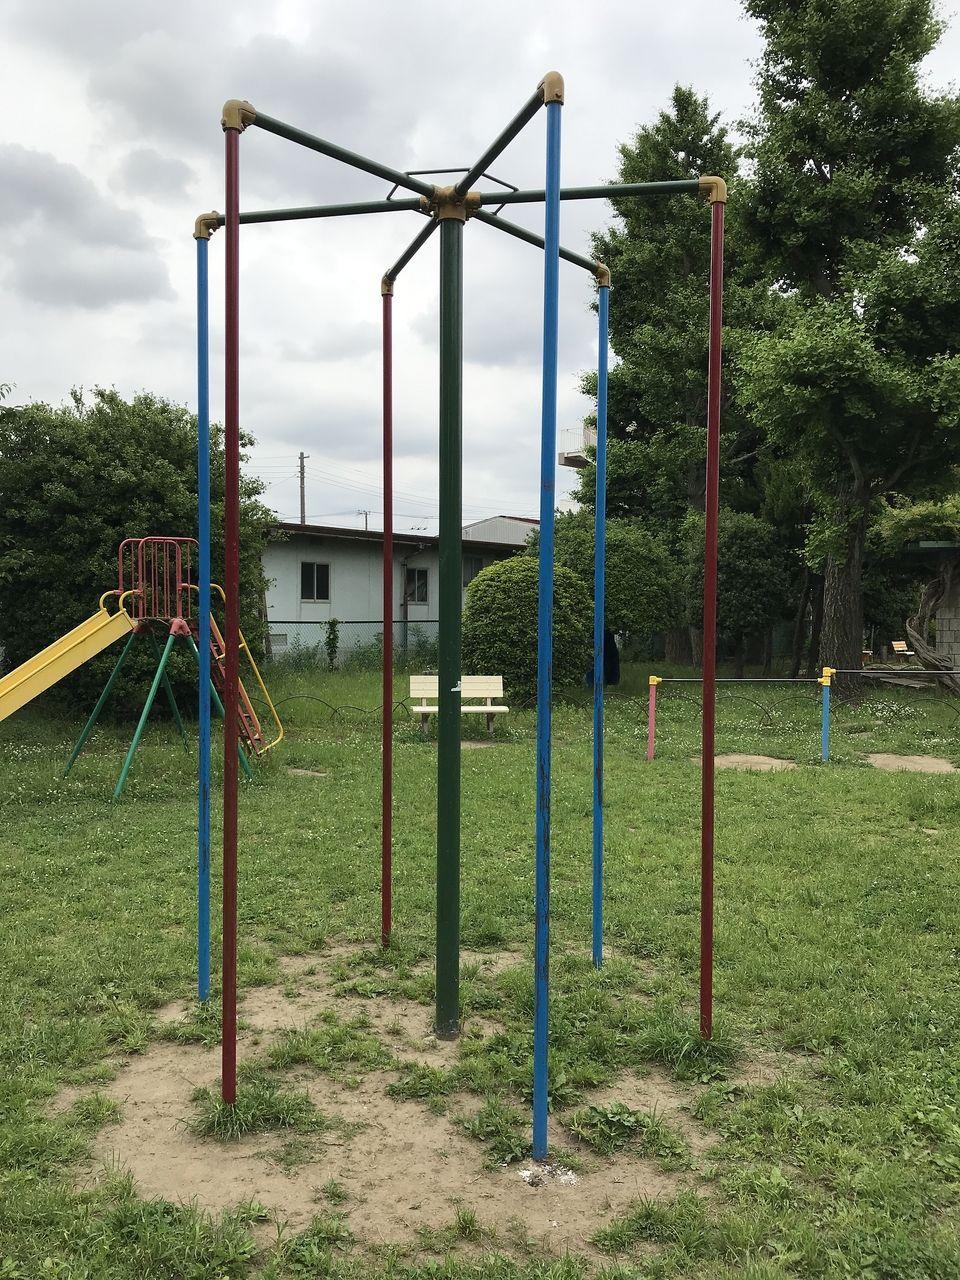 行徳の行徳児童公園ののぼりぼう